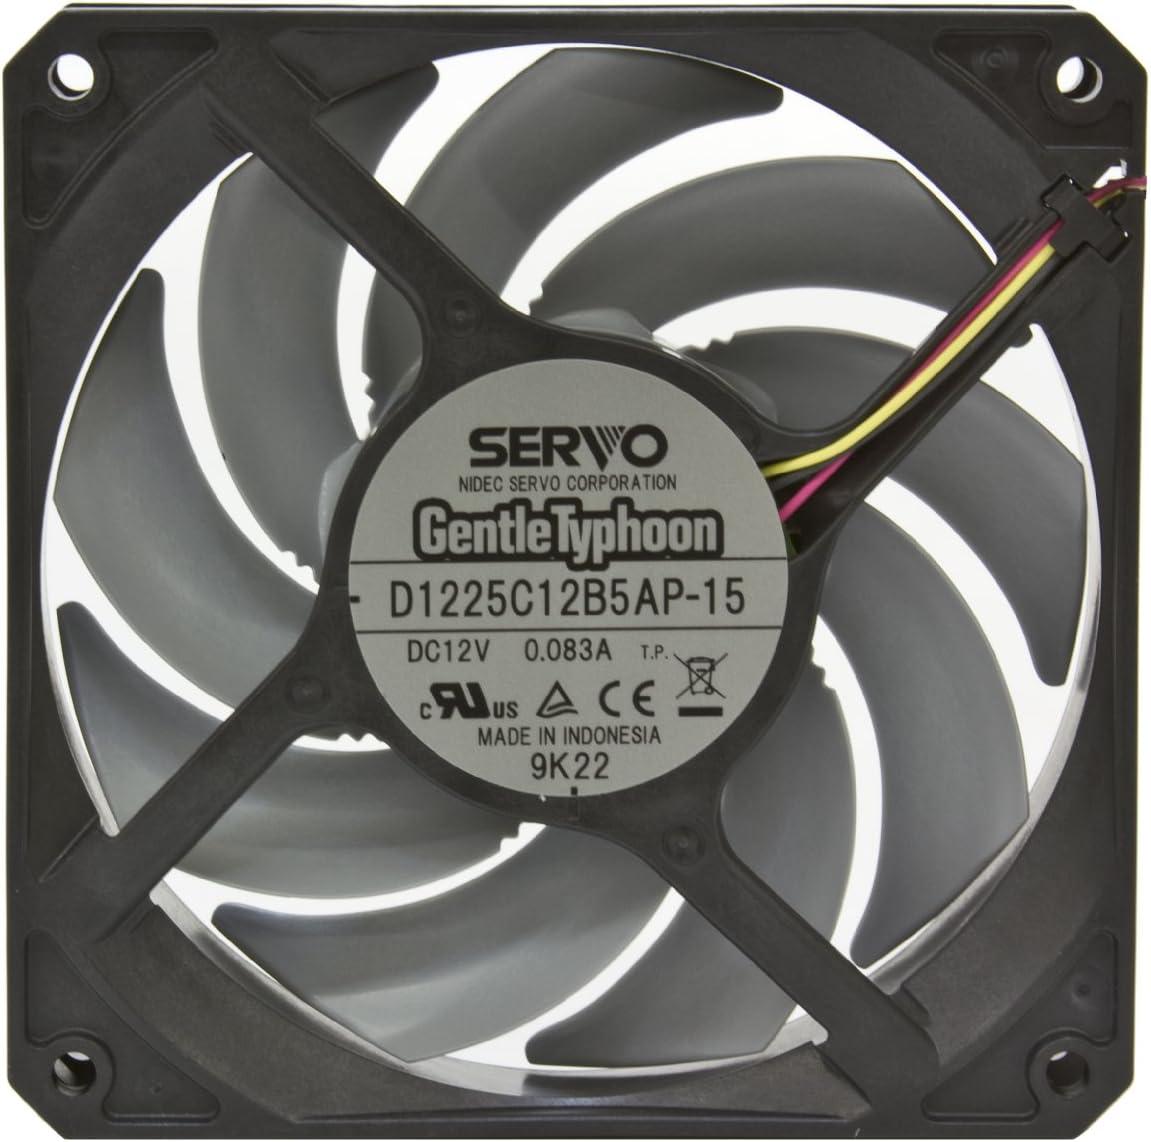 Nidec Servo Gentle Typhoon D1225C12B5AP 120mm 1850 rpm Silent Case Fan